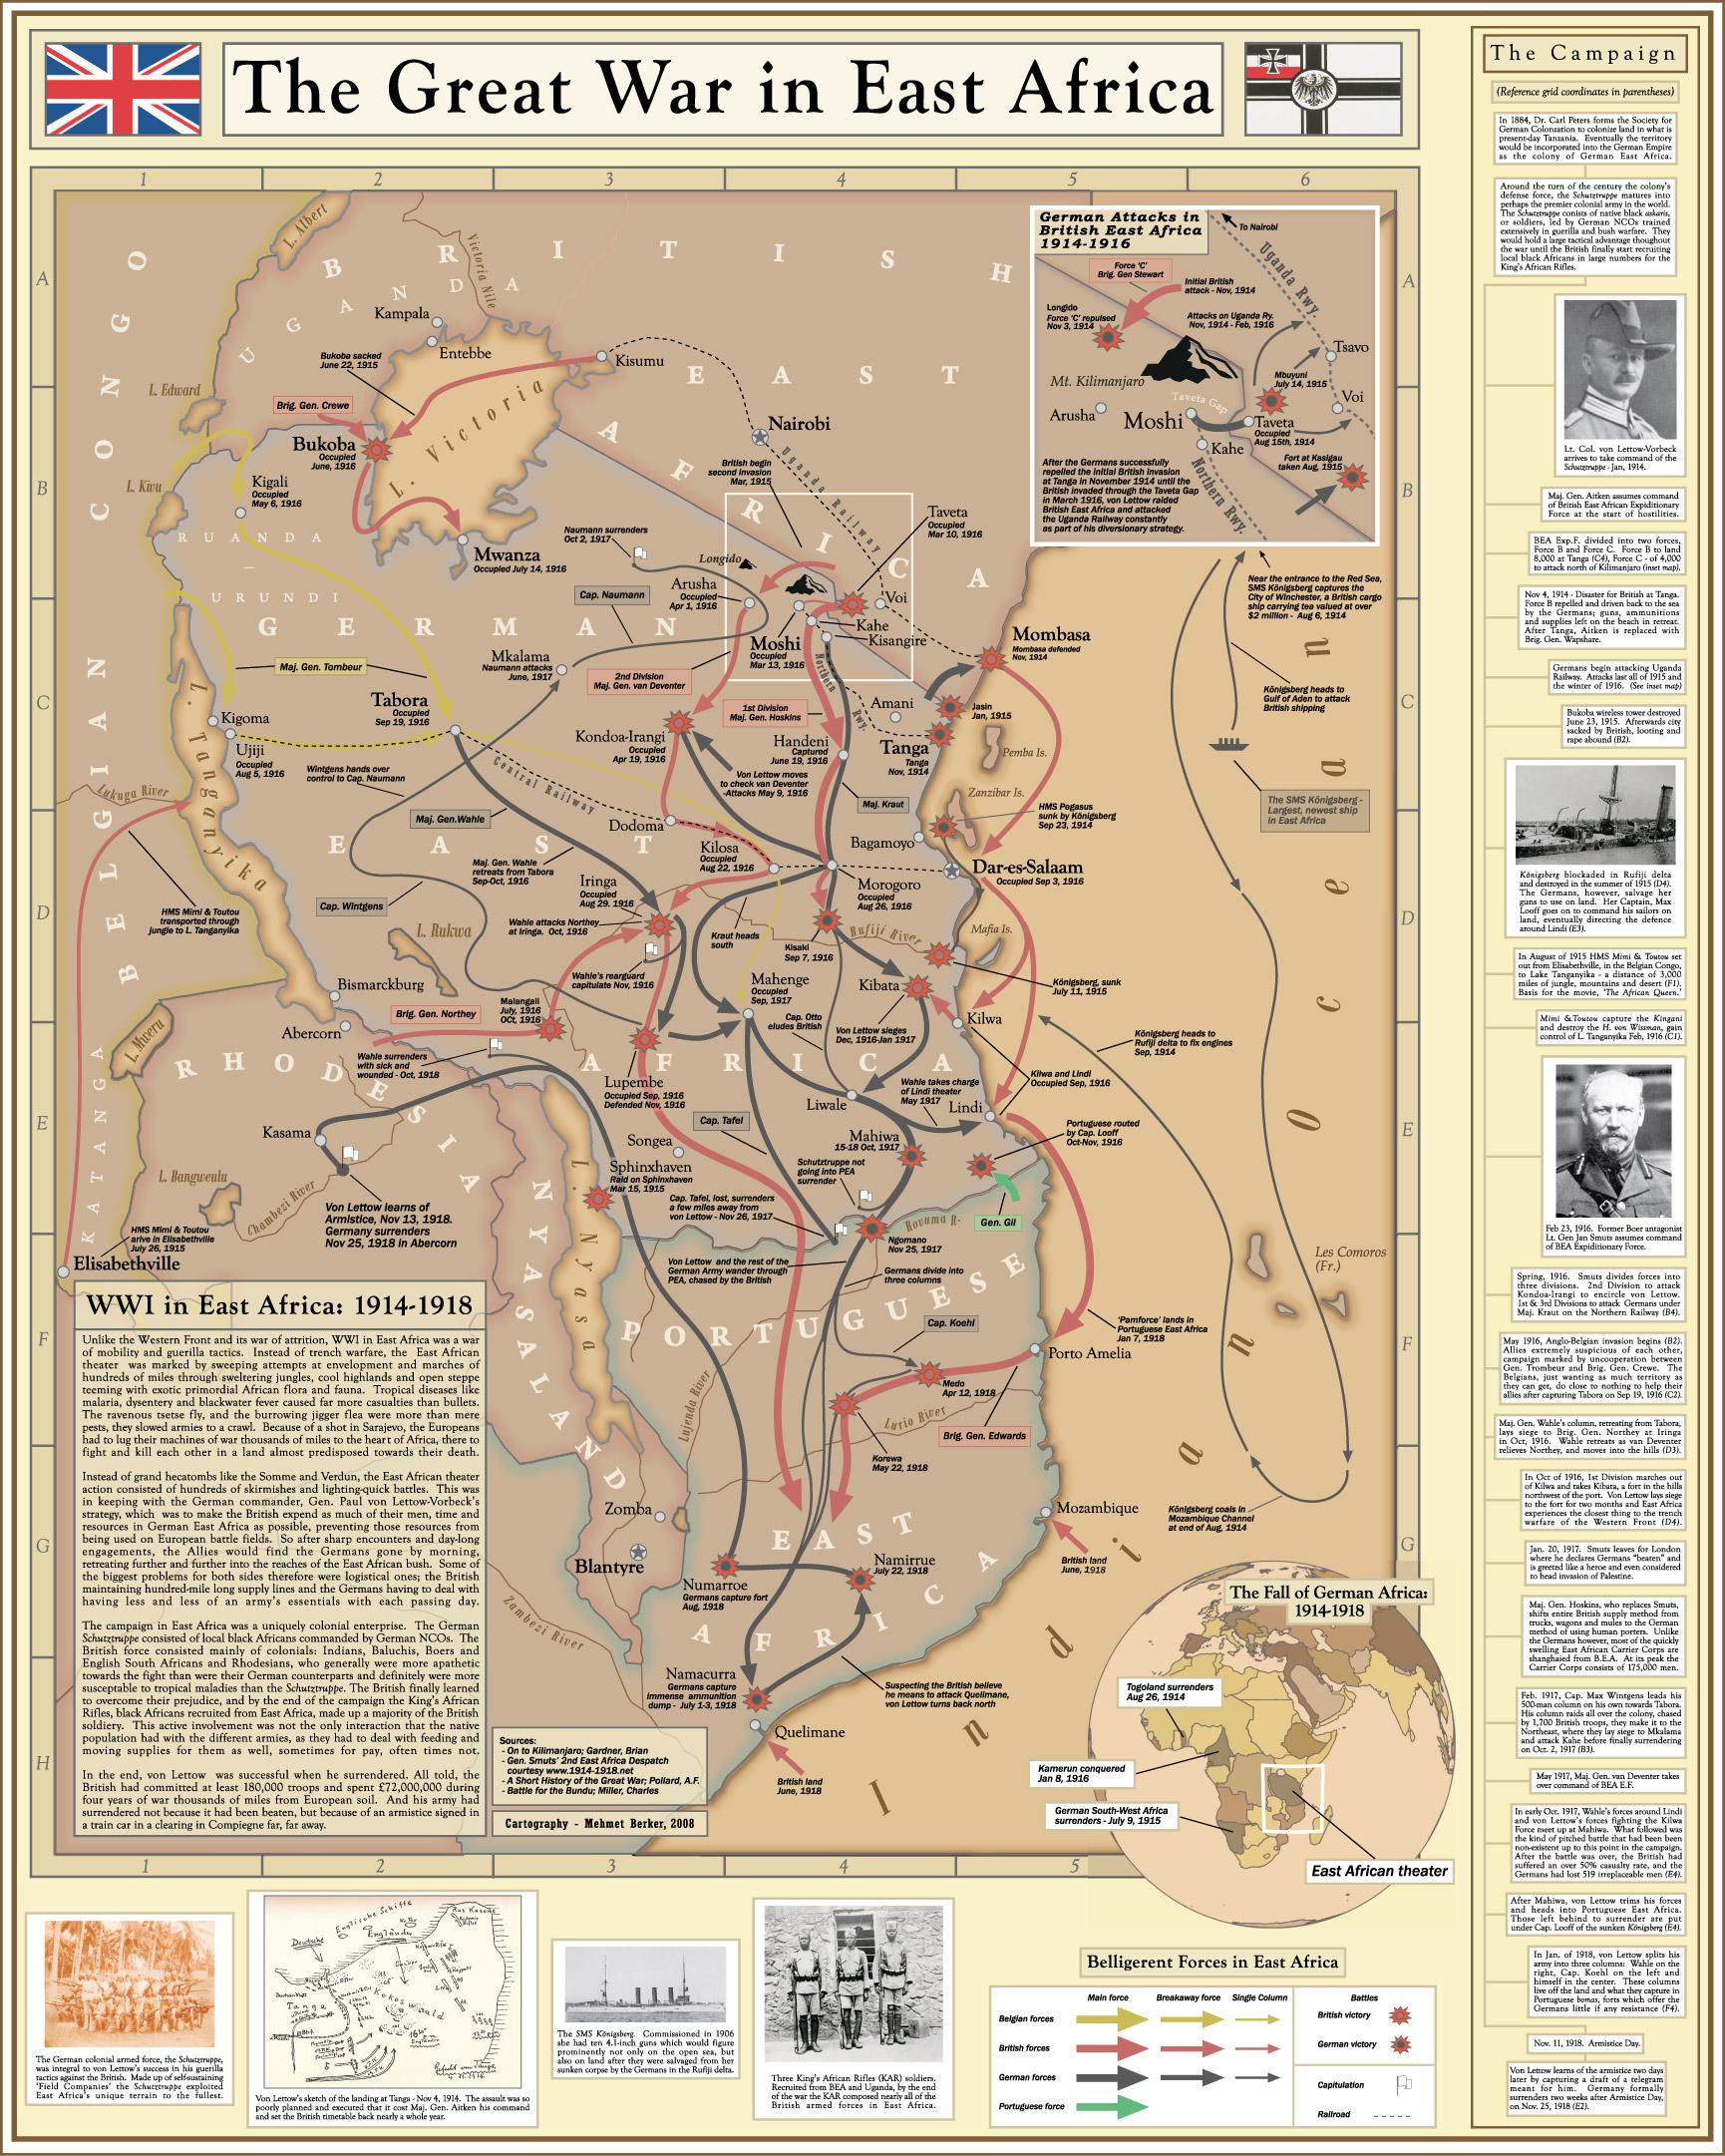 Les combats de 1914-1918 en Afrique Orientale Allemande - Wikicommons